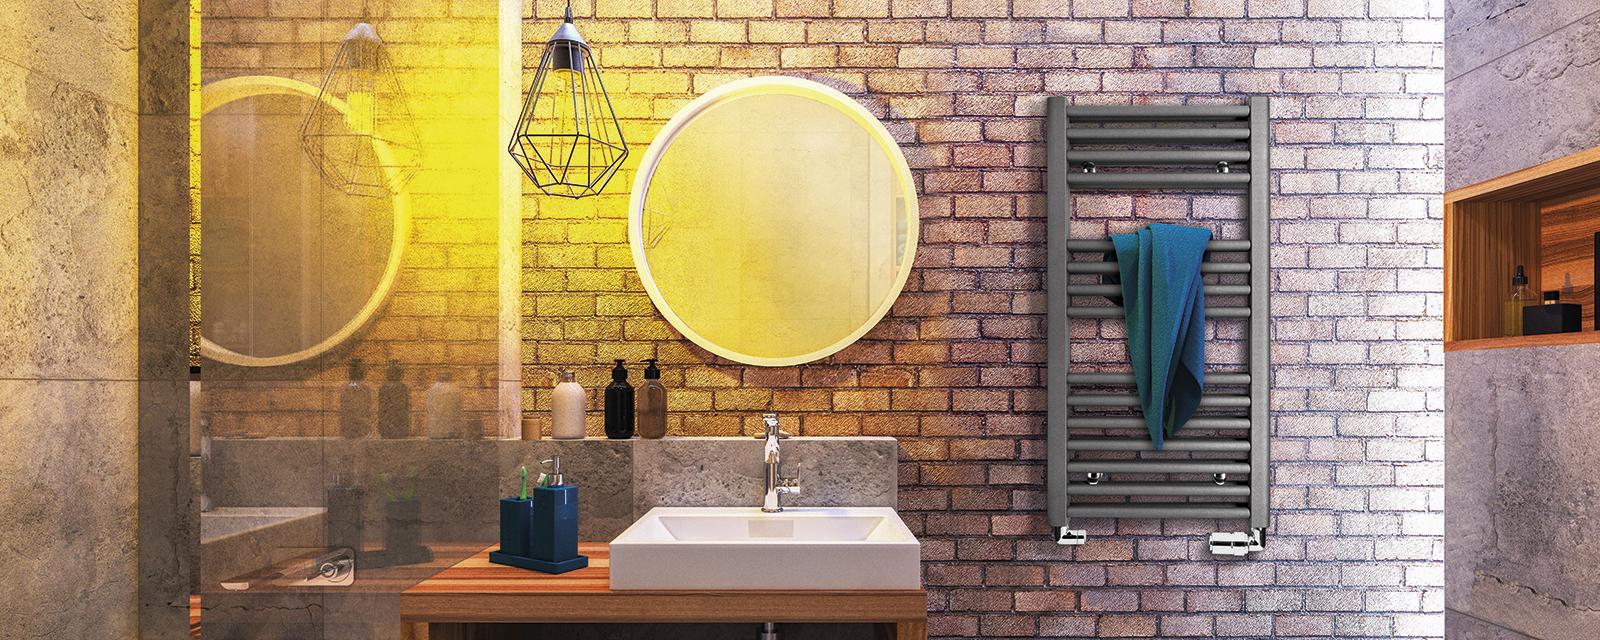 Comment Choisir La Puissance D Un Seche Serviette Electrique salle de bain: sèche-serviettes ou radiateur ? | guide artisan